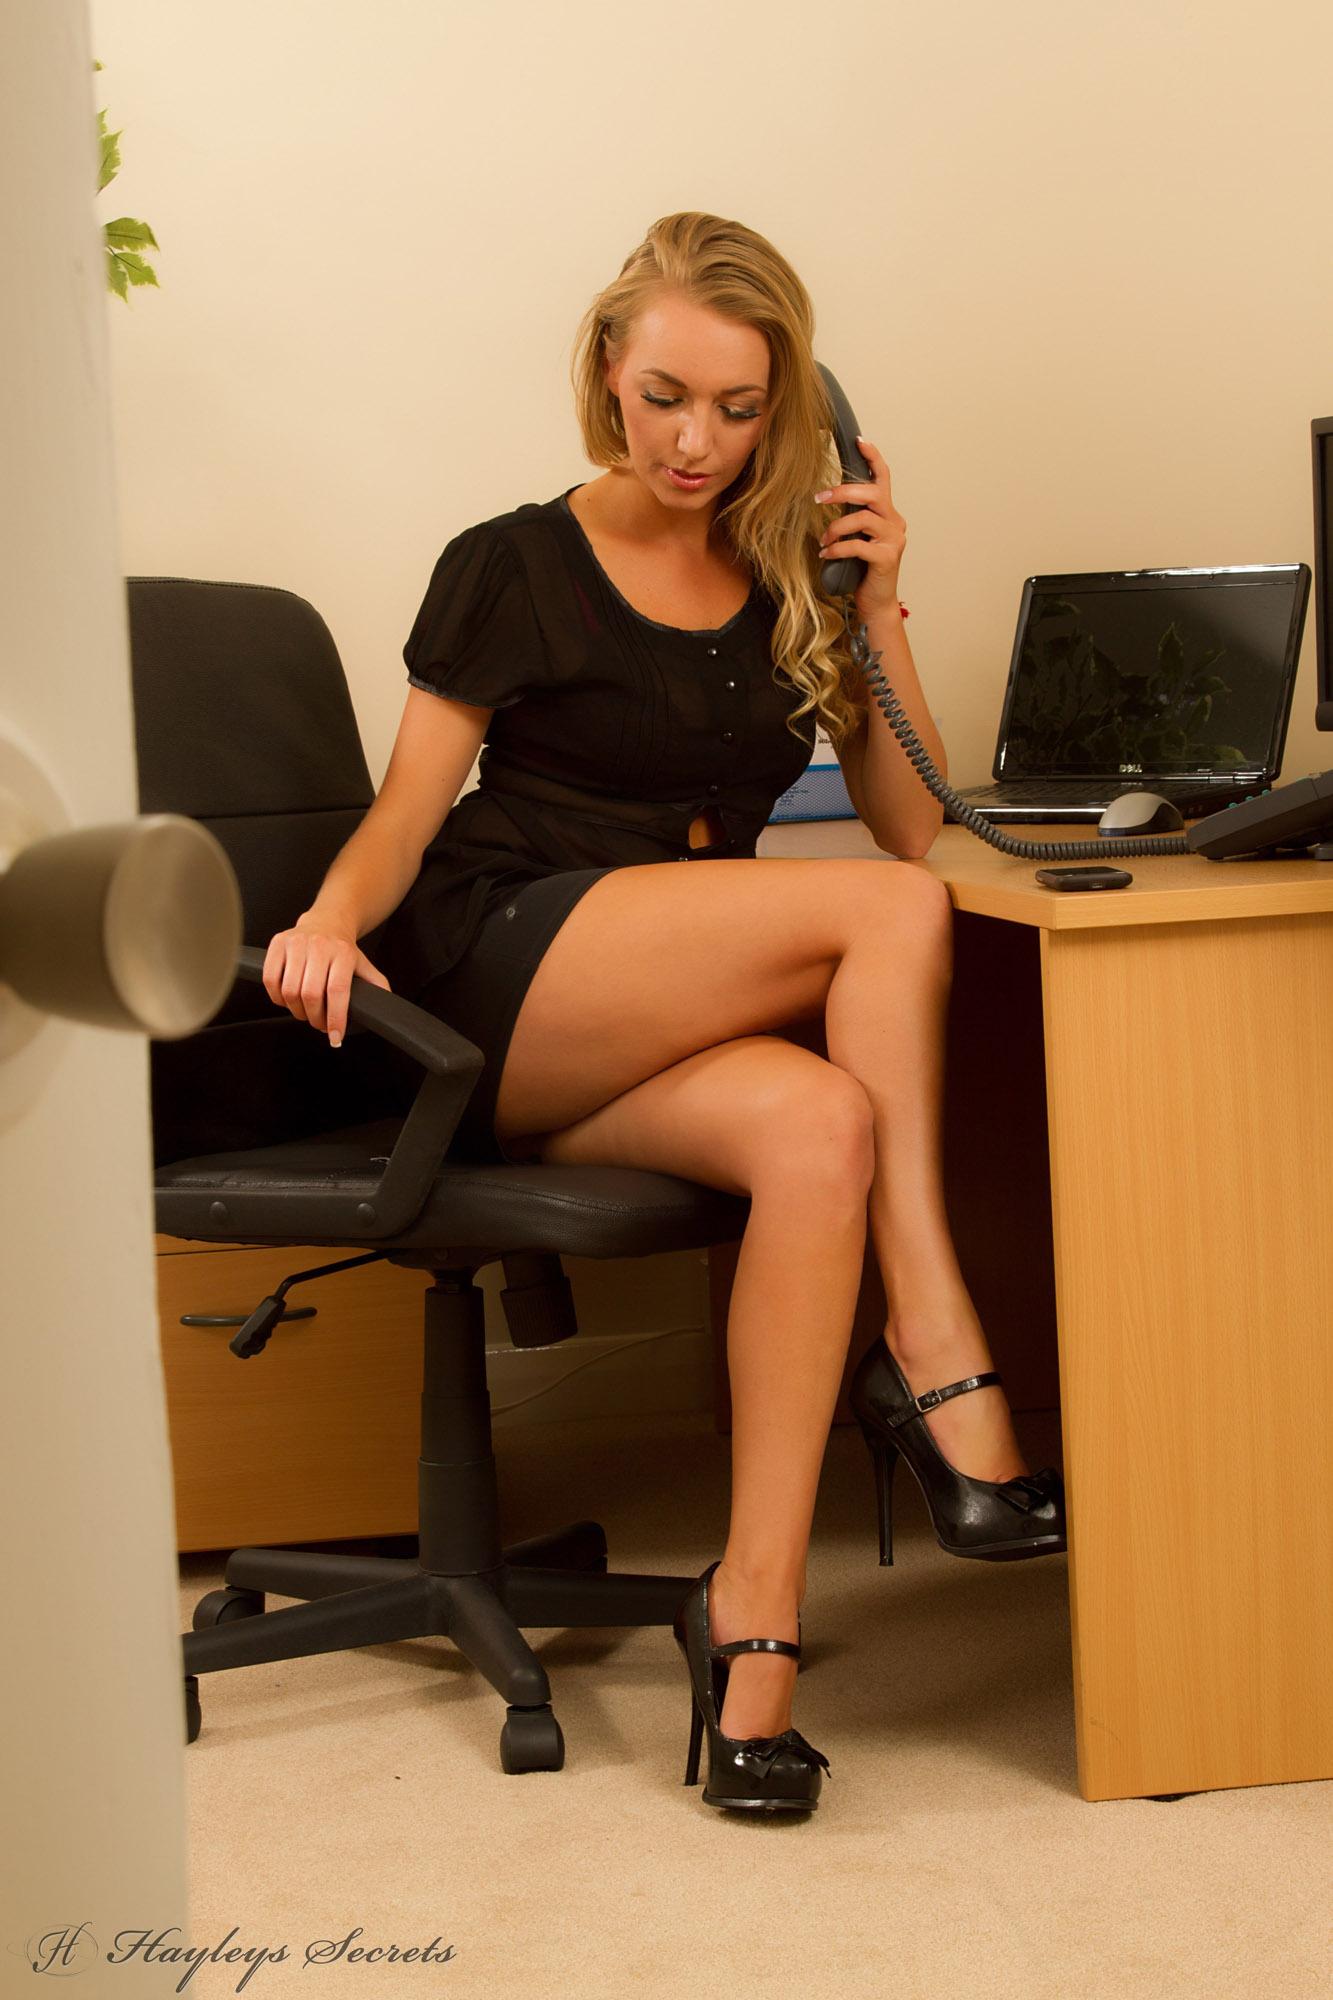 фото бизнес-леди эротическое